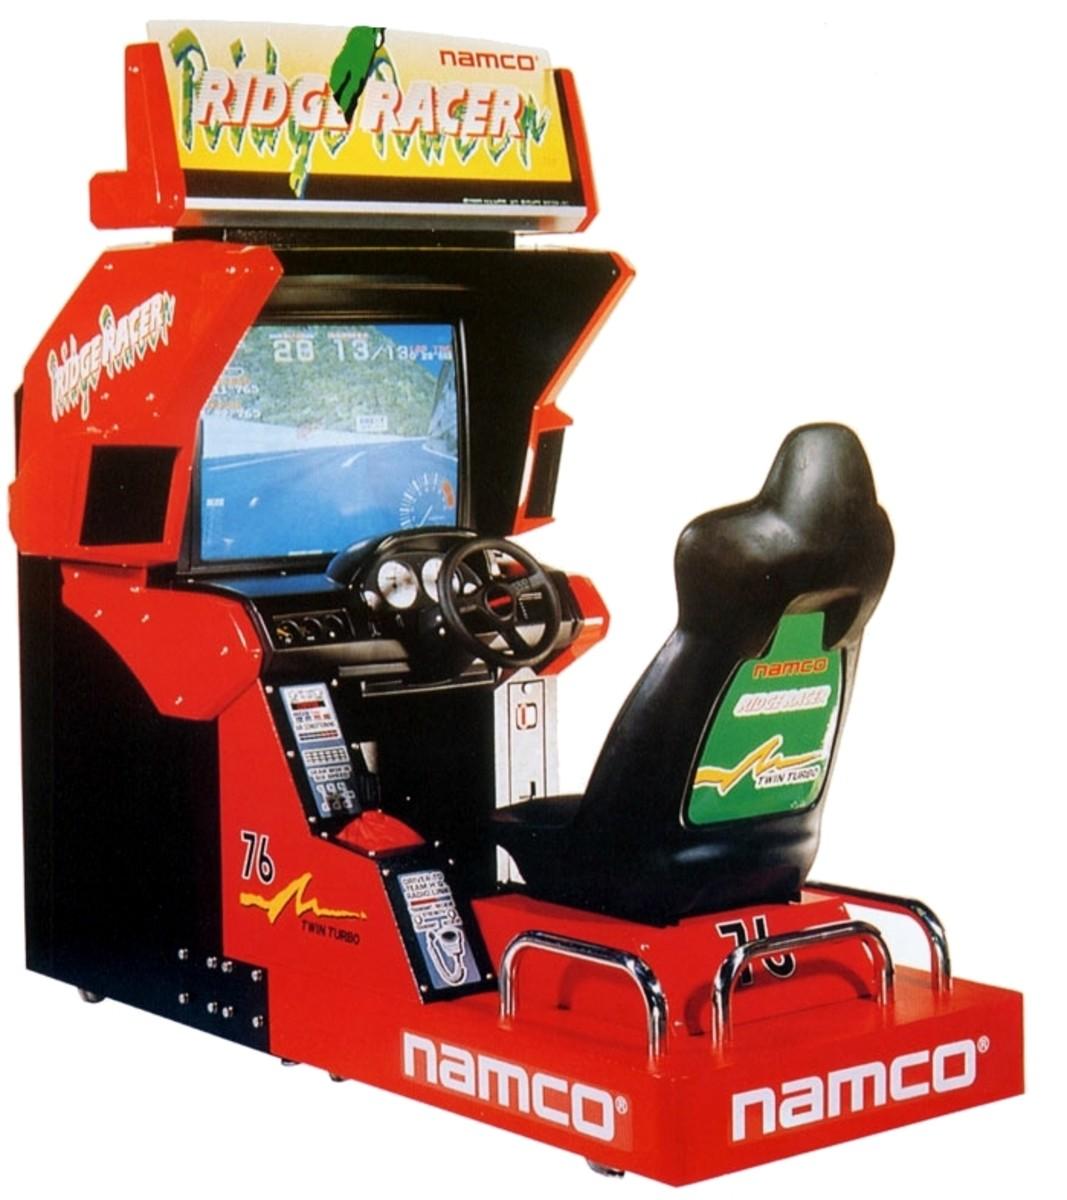 Ridge Racer (1993) deluxe cabinet.